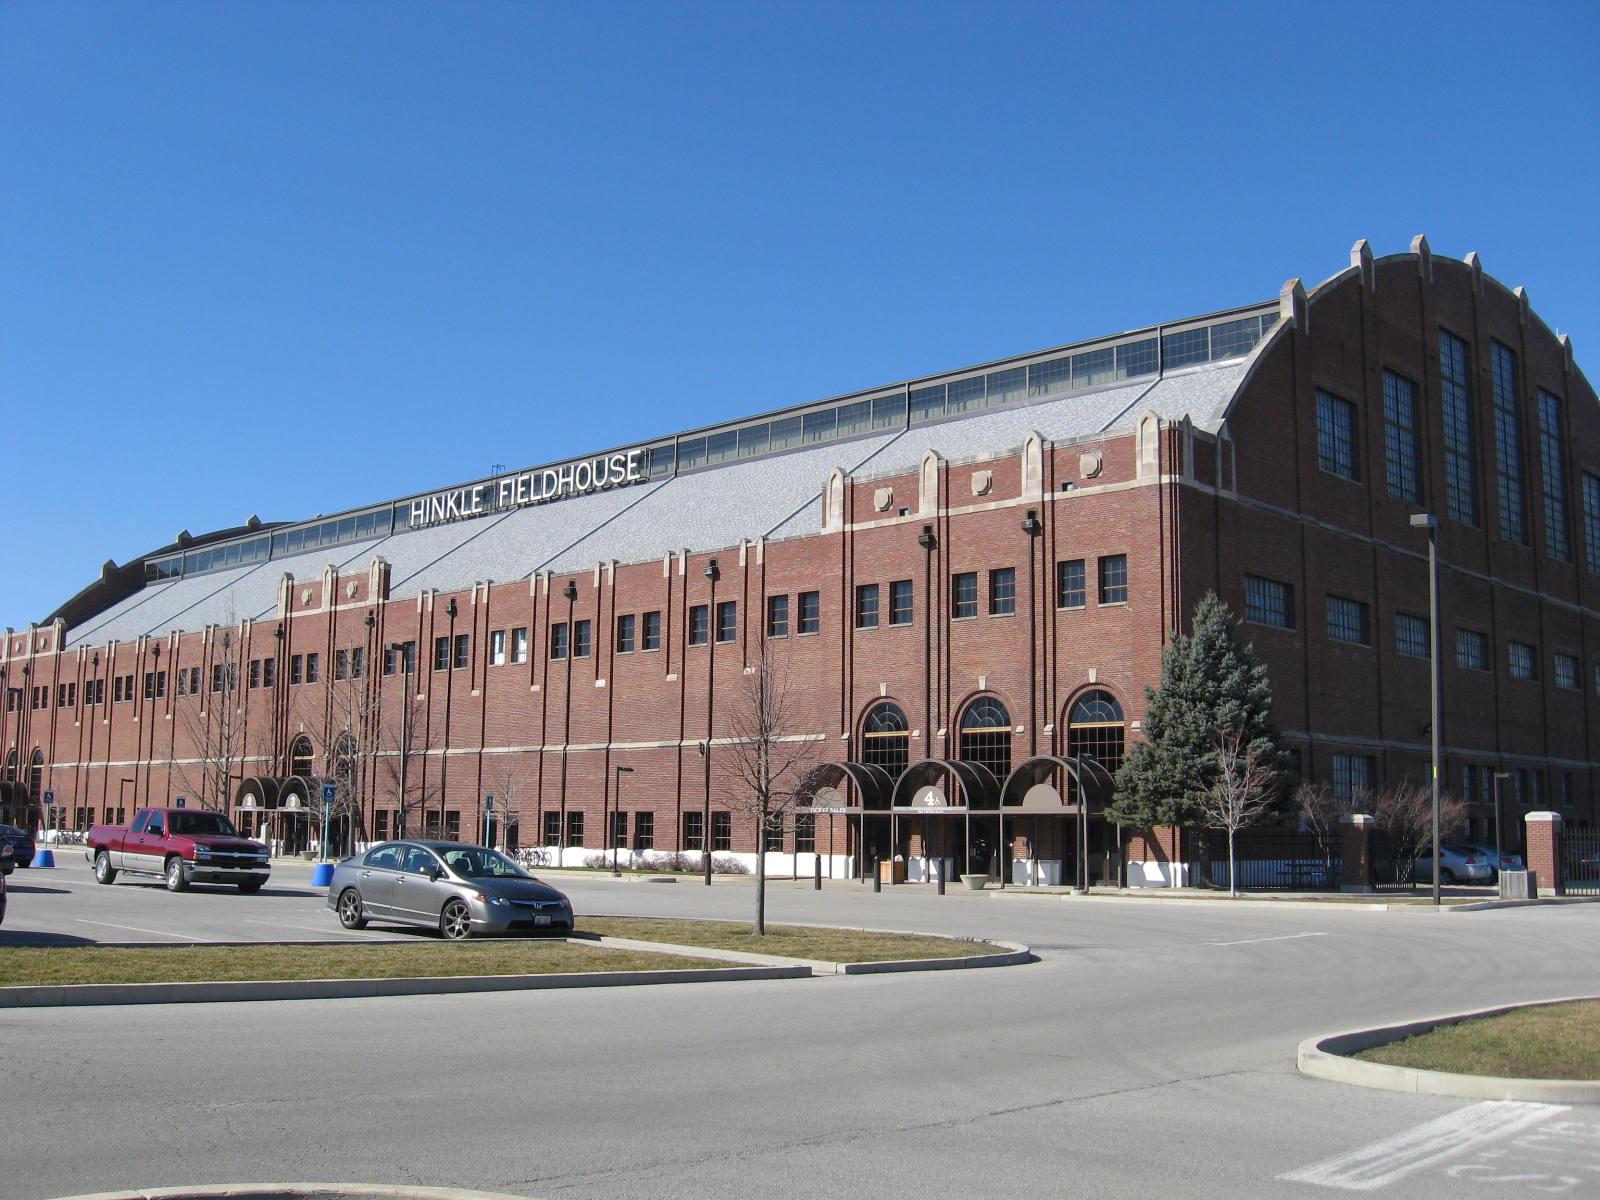 Hinkle Fieldhouse - Wikipedia